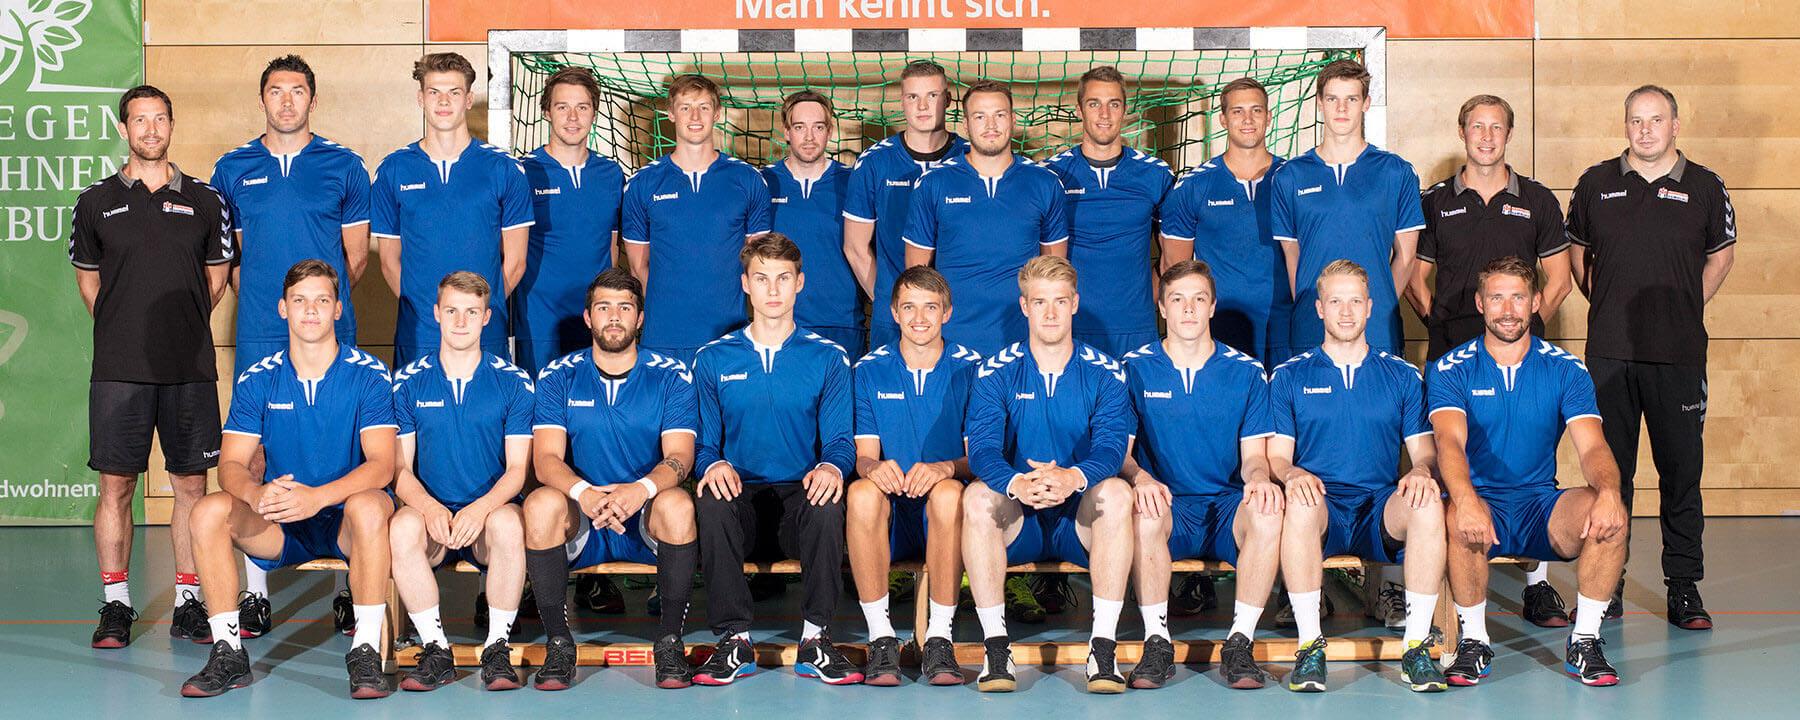 Teamfoto Herren 2017/18 während der Vorbereitung